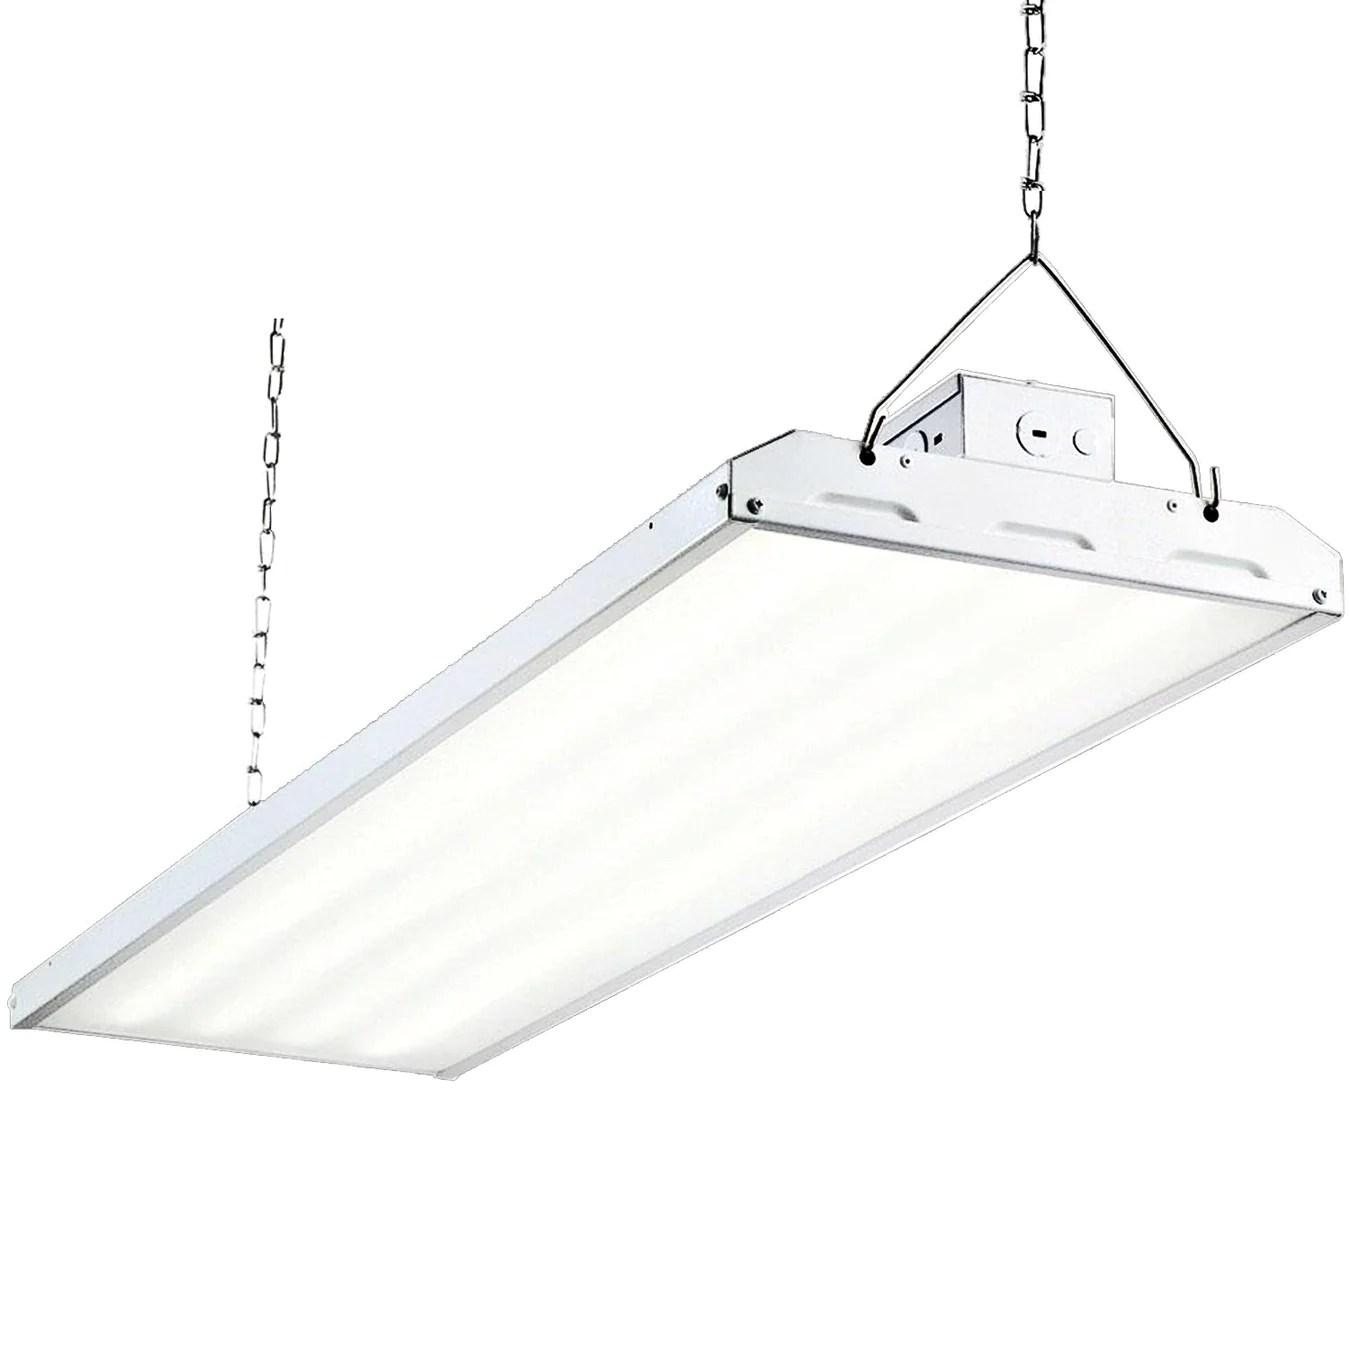 medium resolution of led linear high bay light